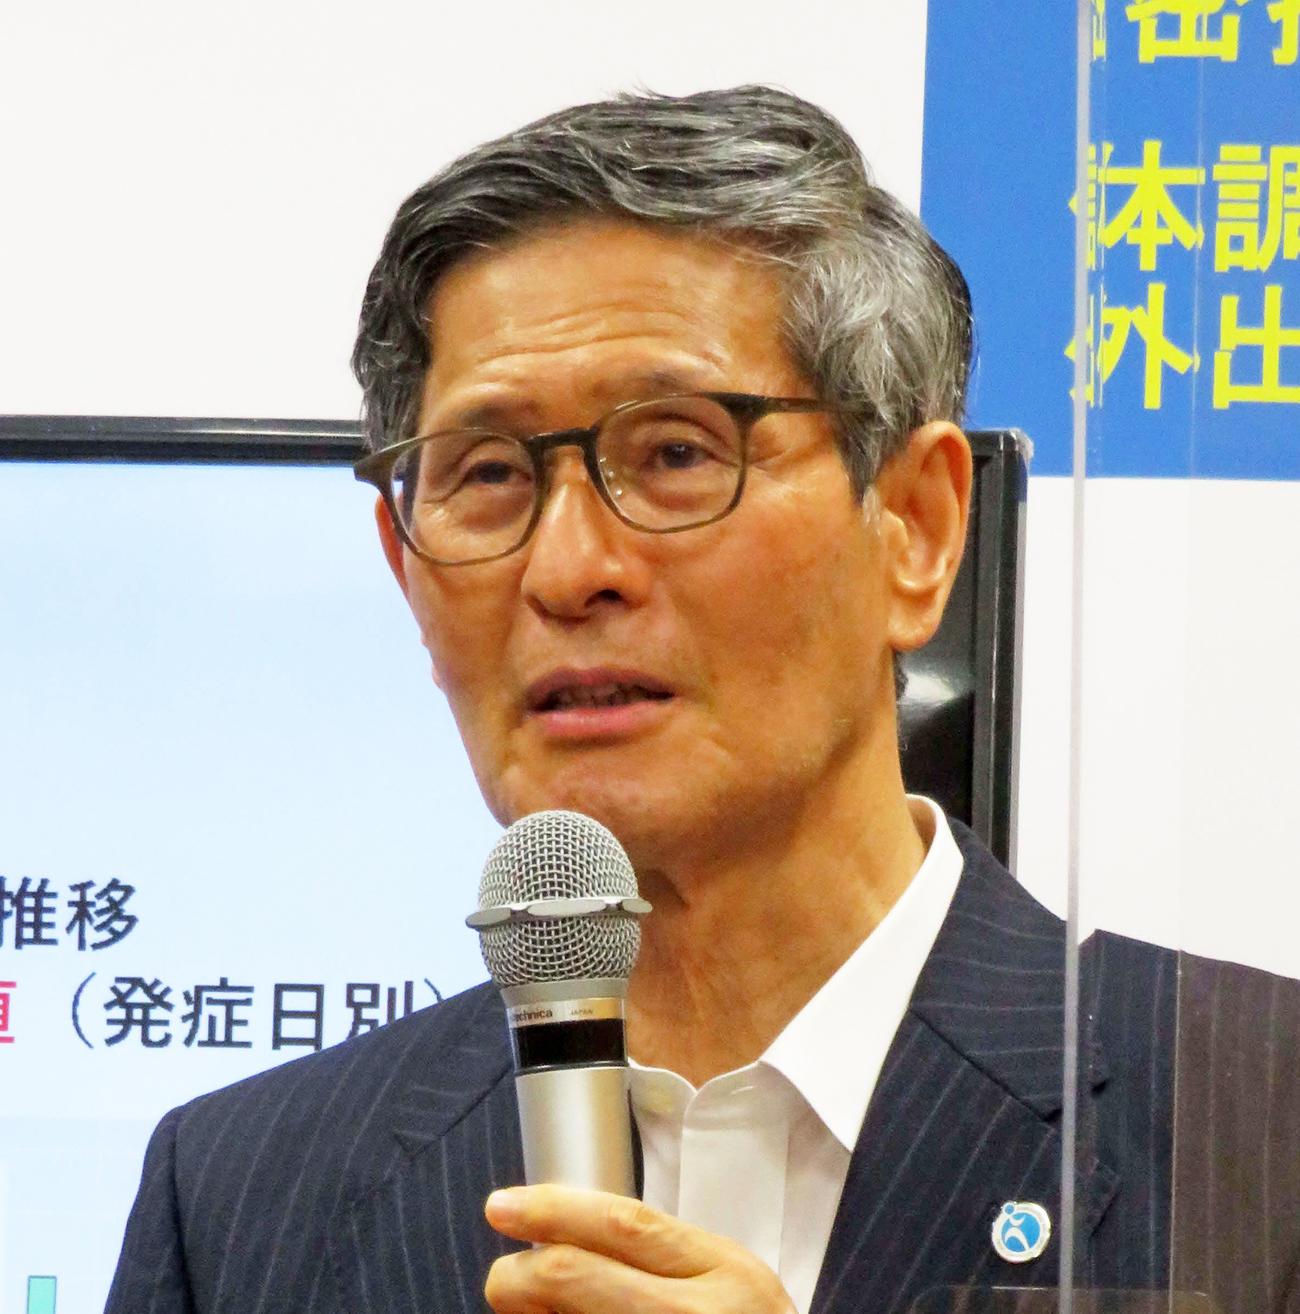 新型コロナウイルス対策分科会の尾身茂会長(20年7月撮影)